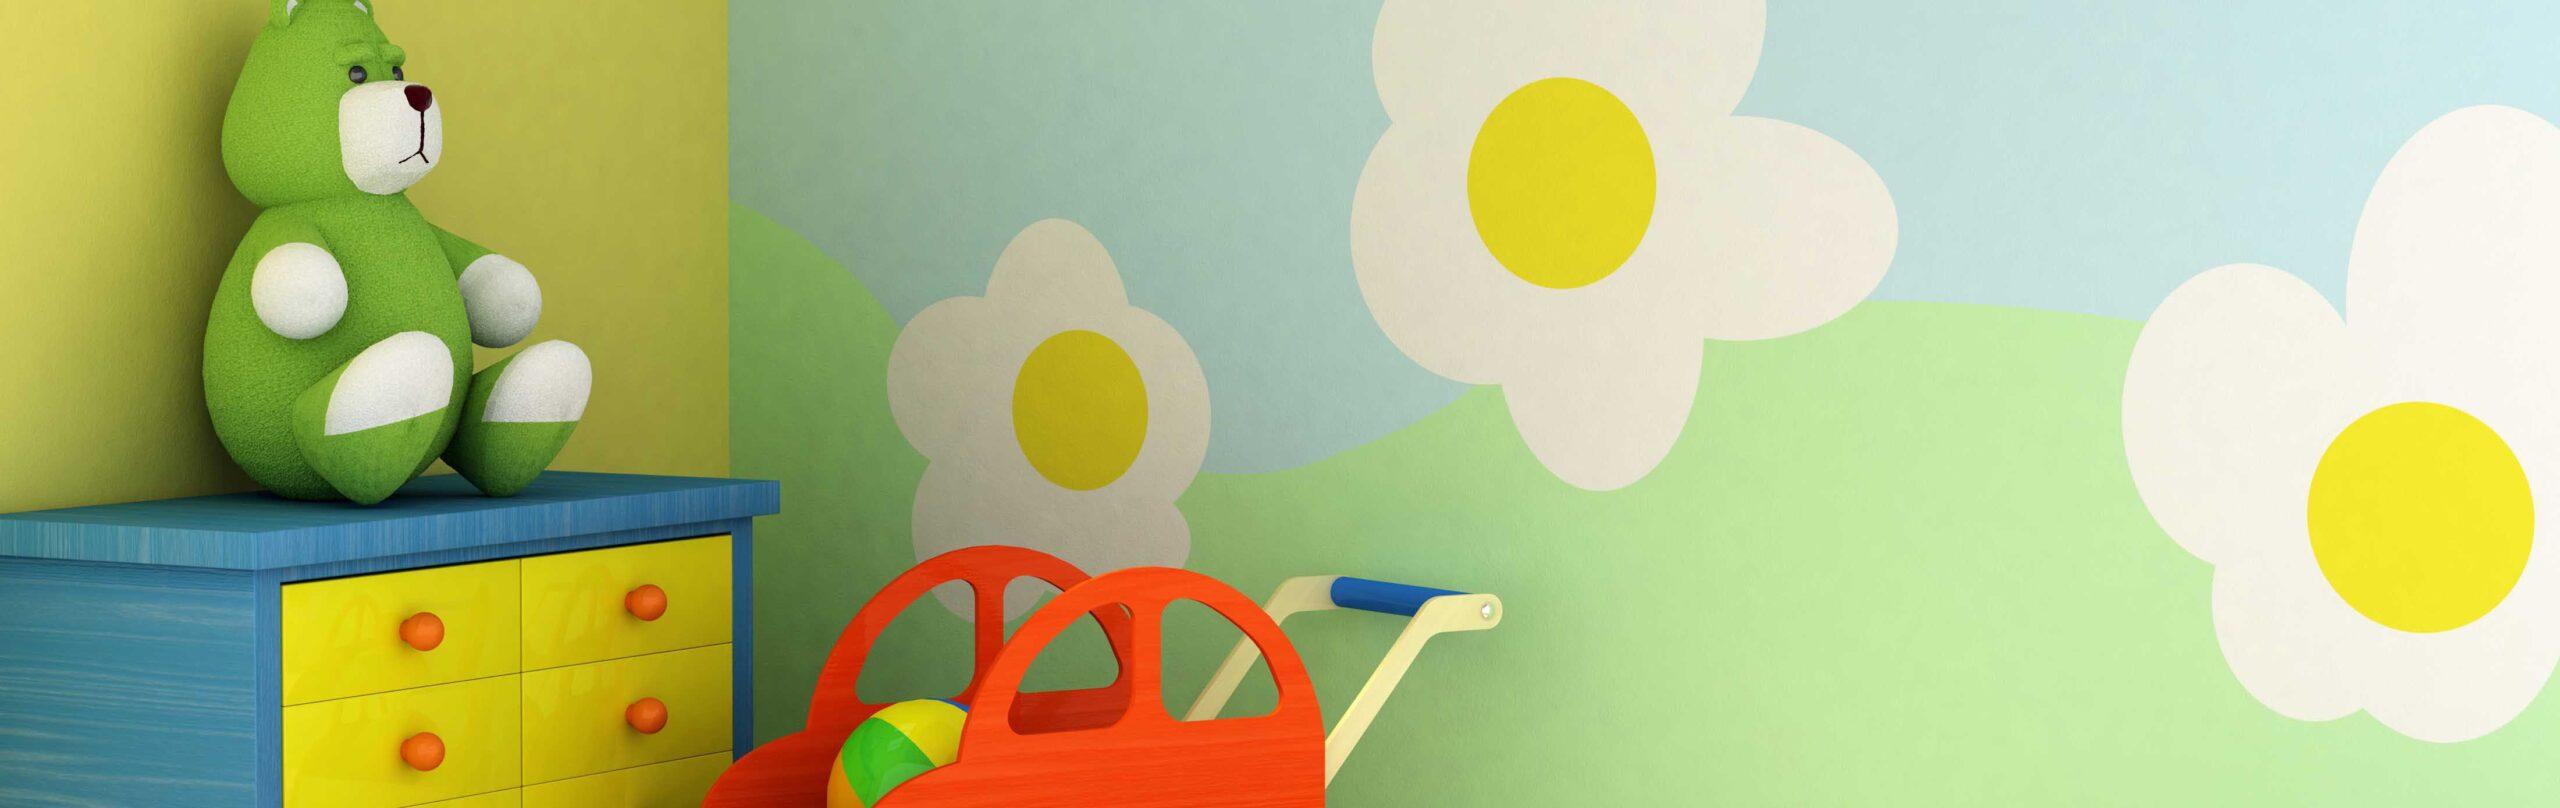 Full Size of Einrichtung Kinderzimmer Profi Ruhl Richtig Einrichten Regale Regal Weiß Sofa Kinderzimmer Einrichtung Kinderzimmer